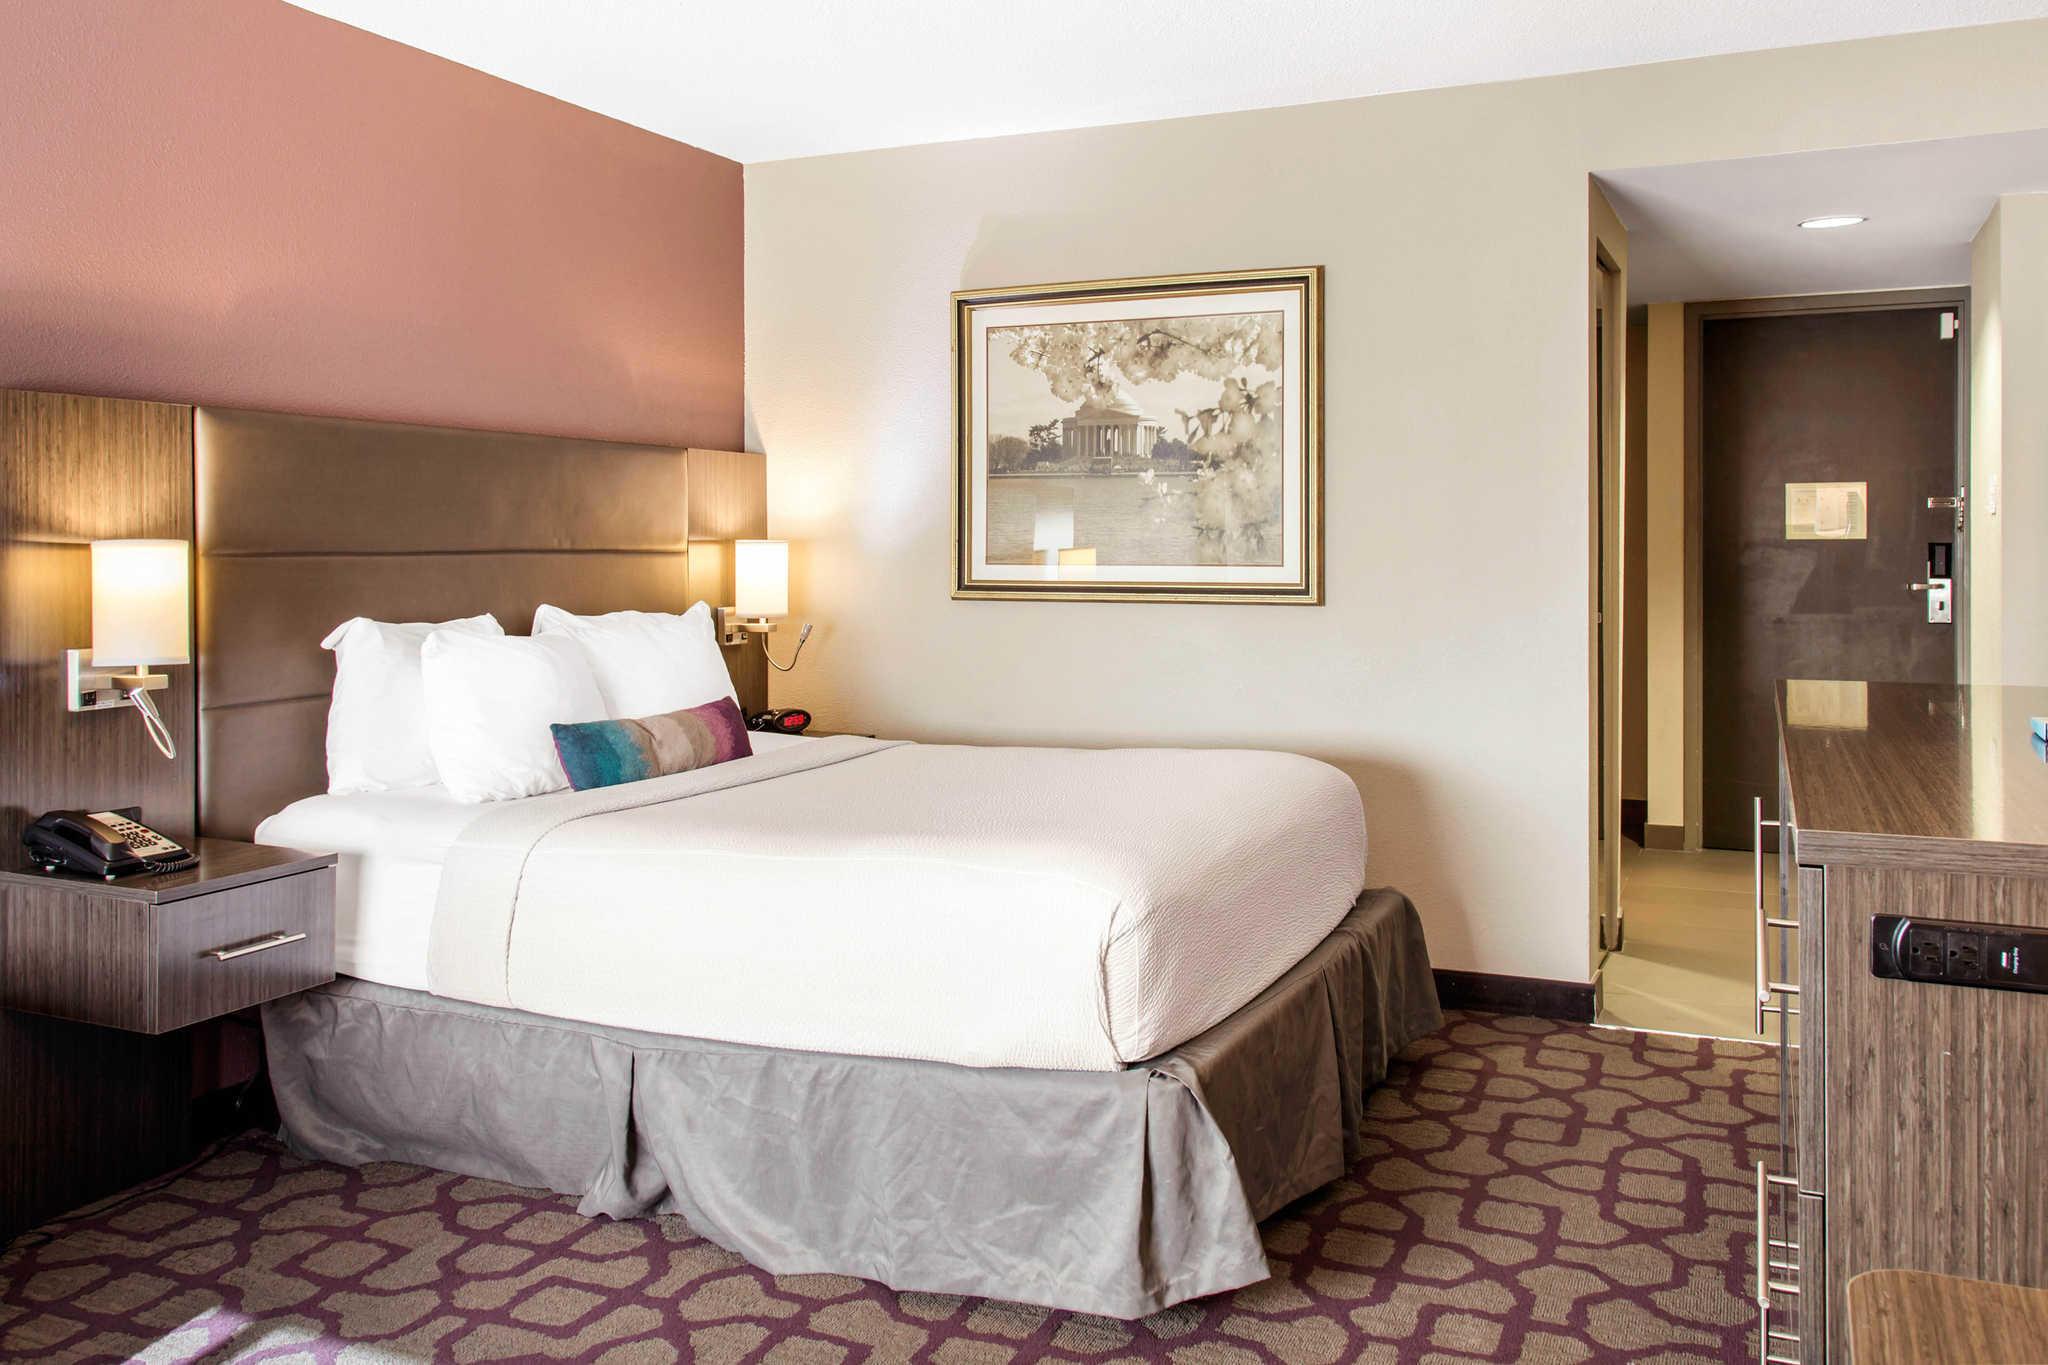 Comfort Inn image 27